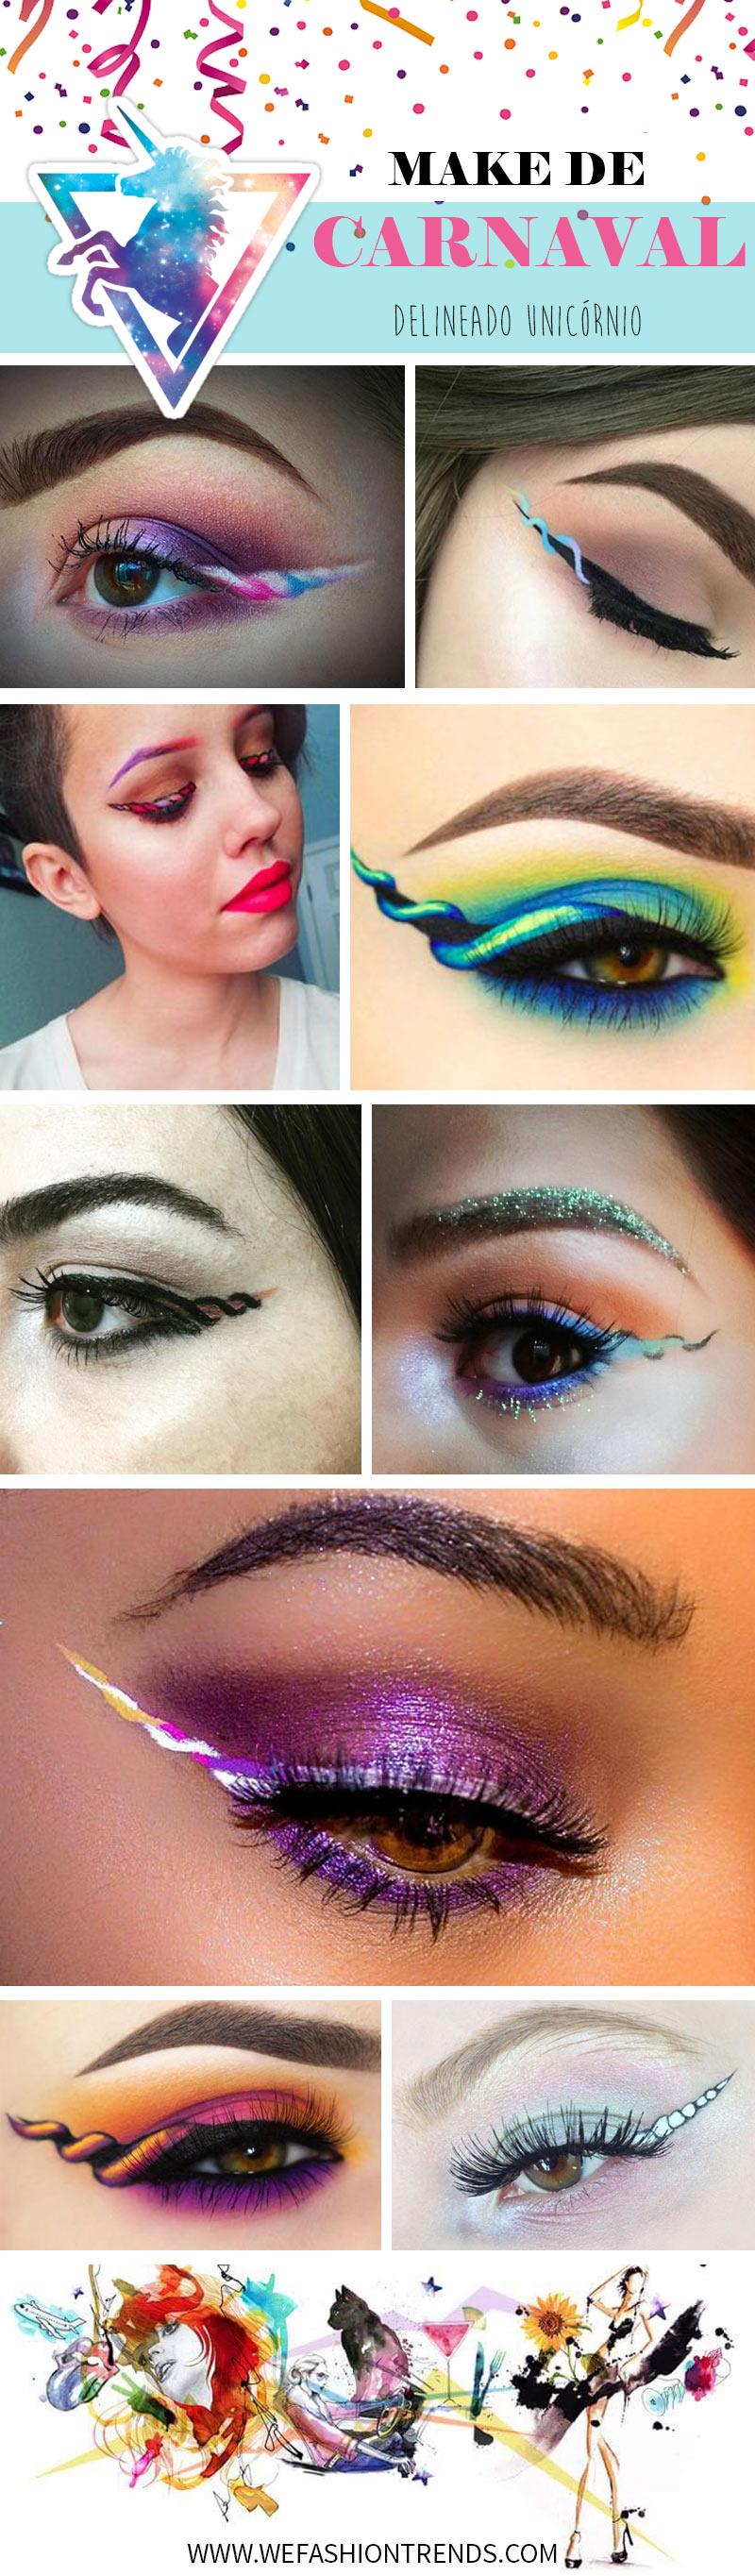 maquiagem-para-o-carnaval-2017-delineado-de-unicórnio